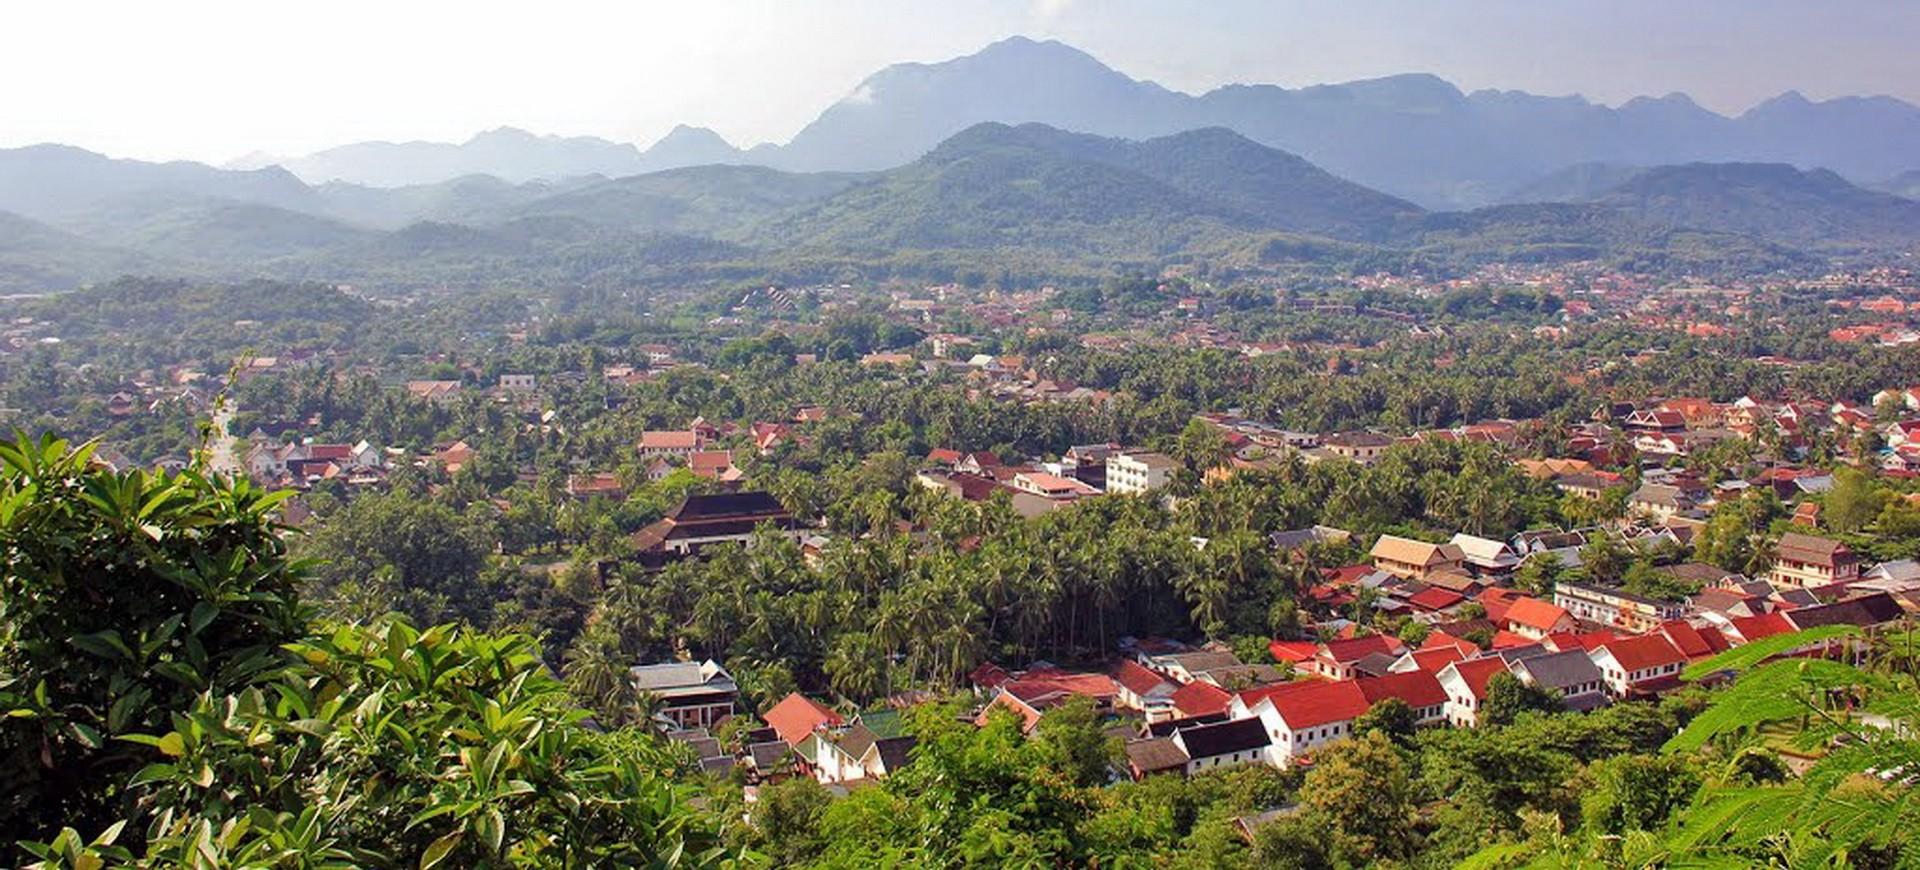 Laos Luang Prabang Phousi